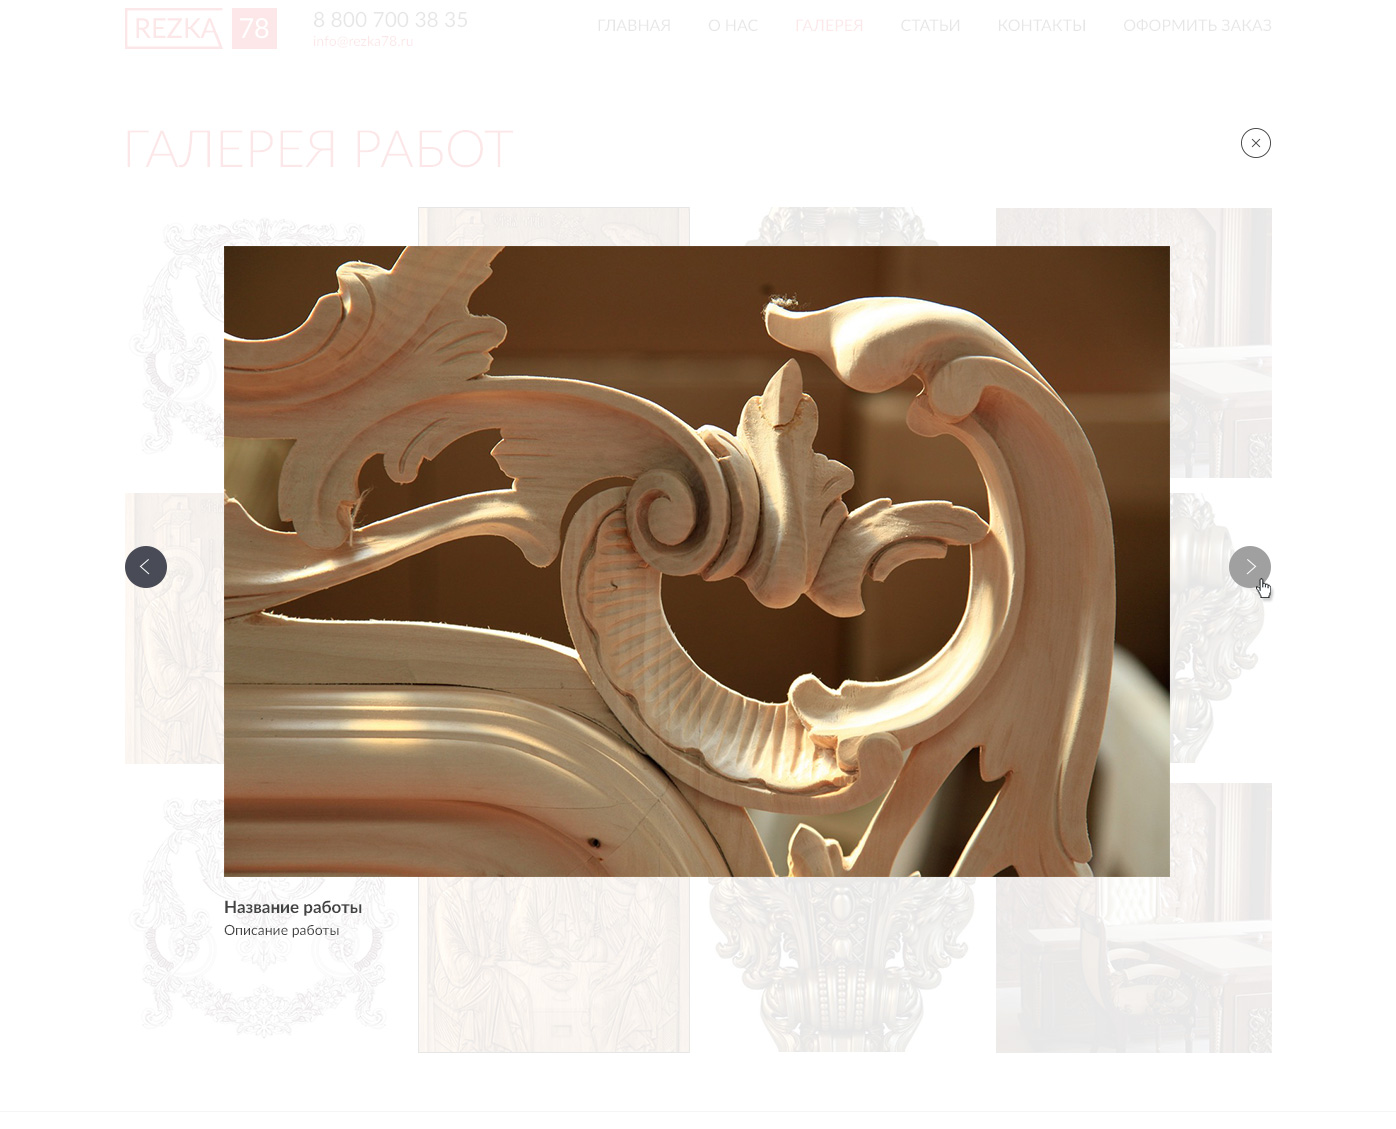 design, adaptivní, webové stránky, výstřižek, 3modely D, dříví, REZKA78.RU